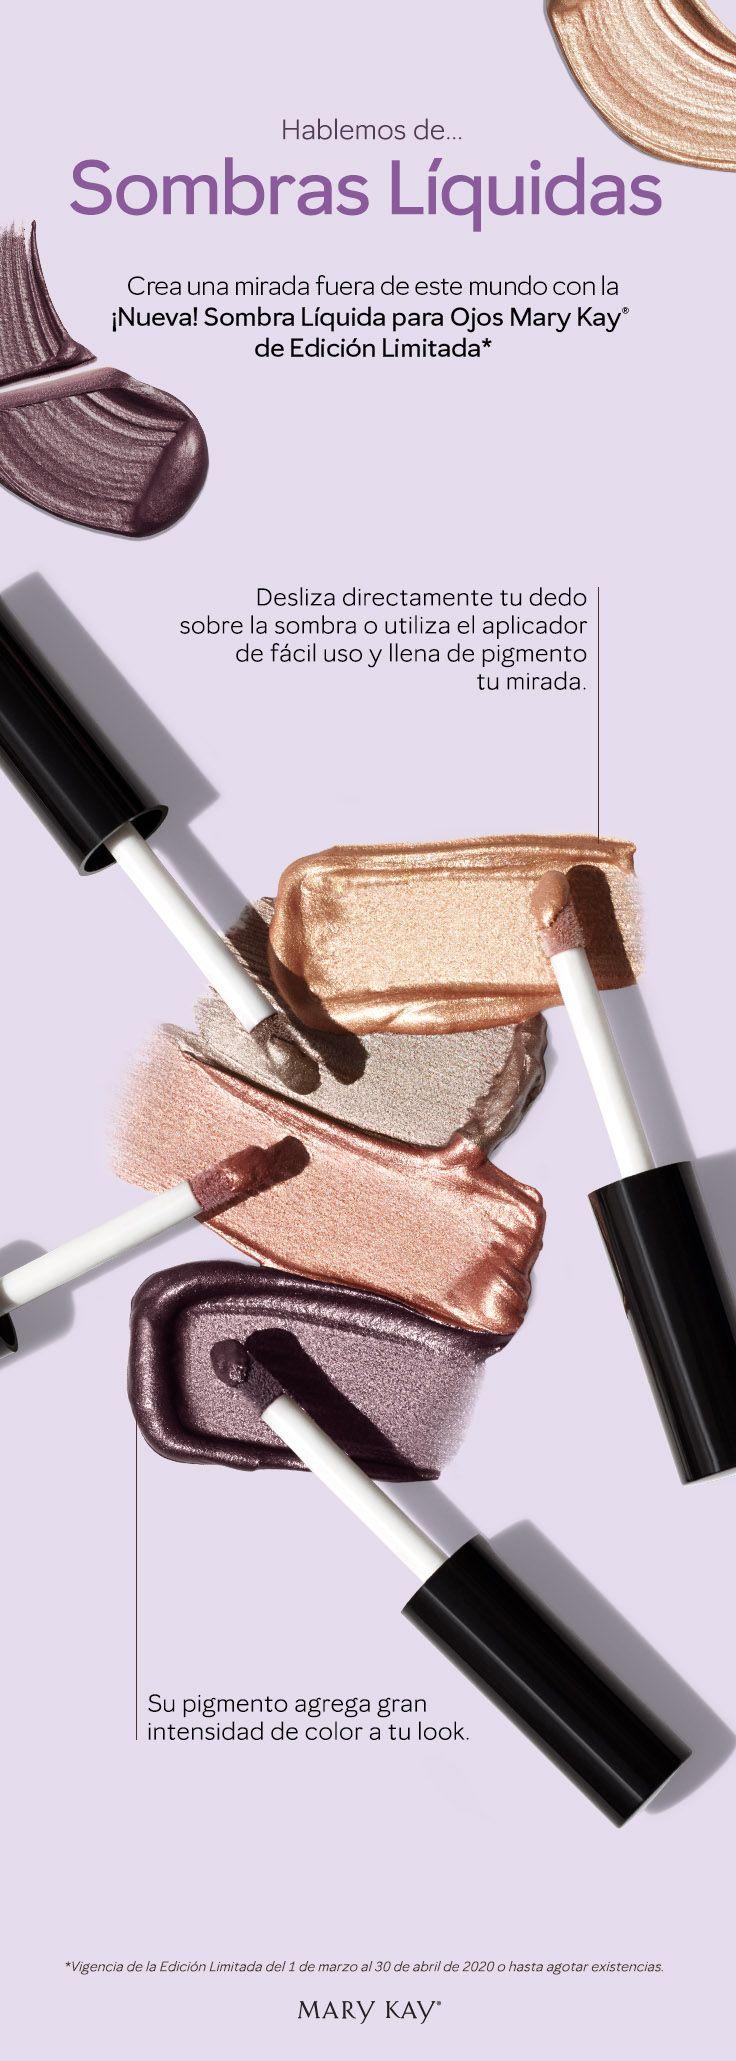 Pin de Heidy en Make up en 2020 (con imágenes) Mary kay